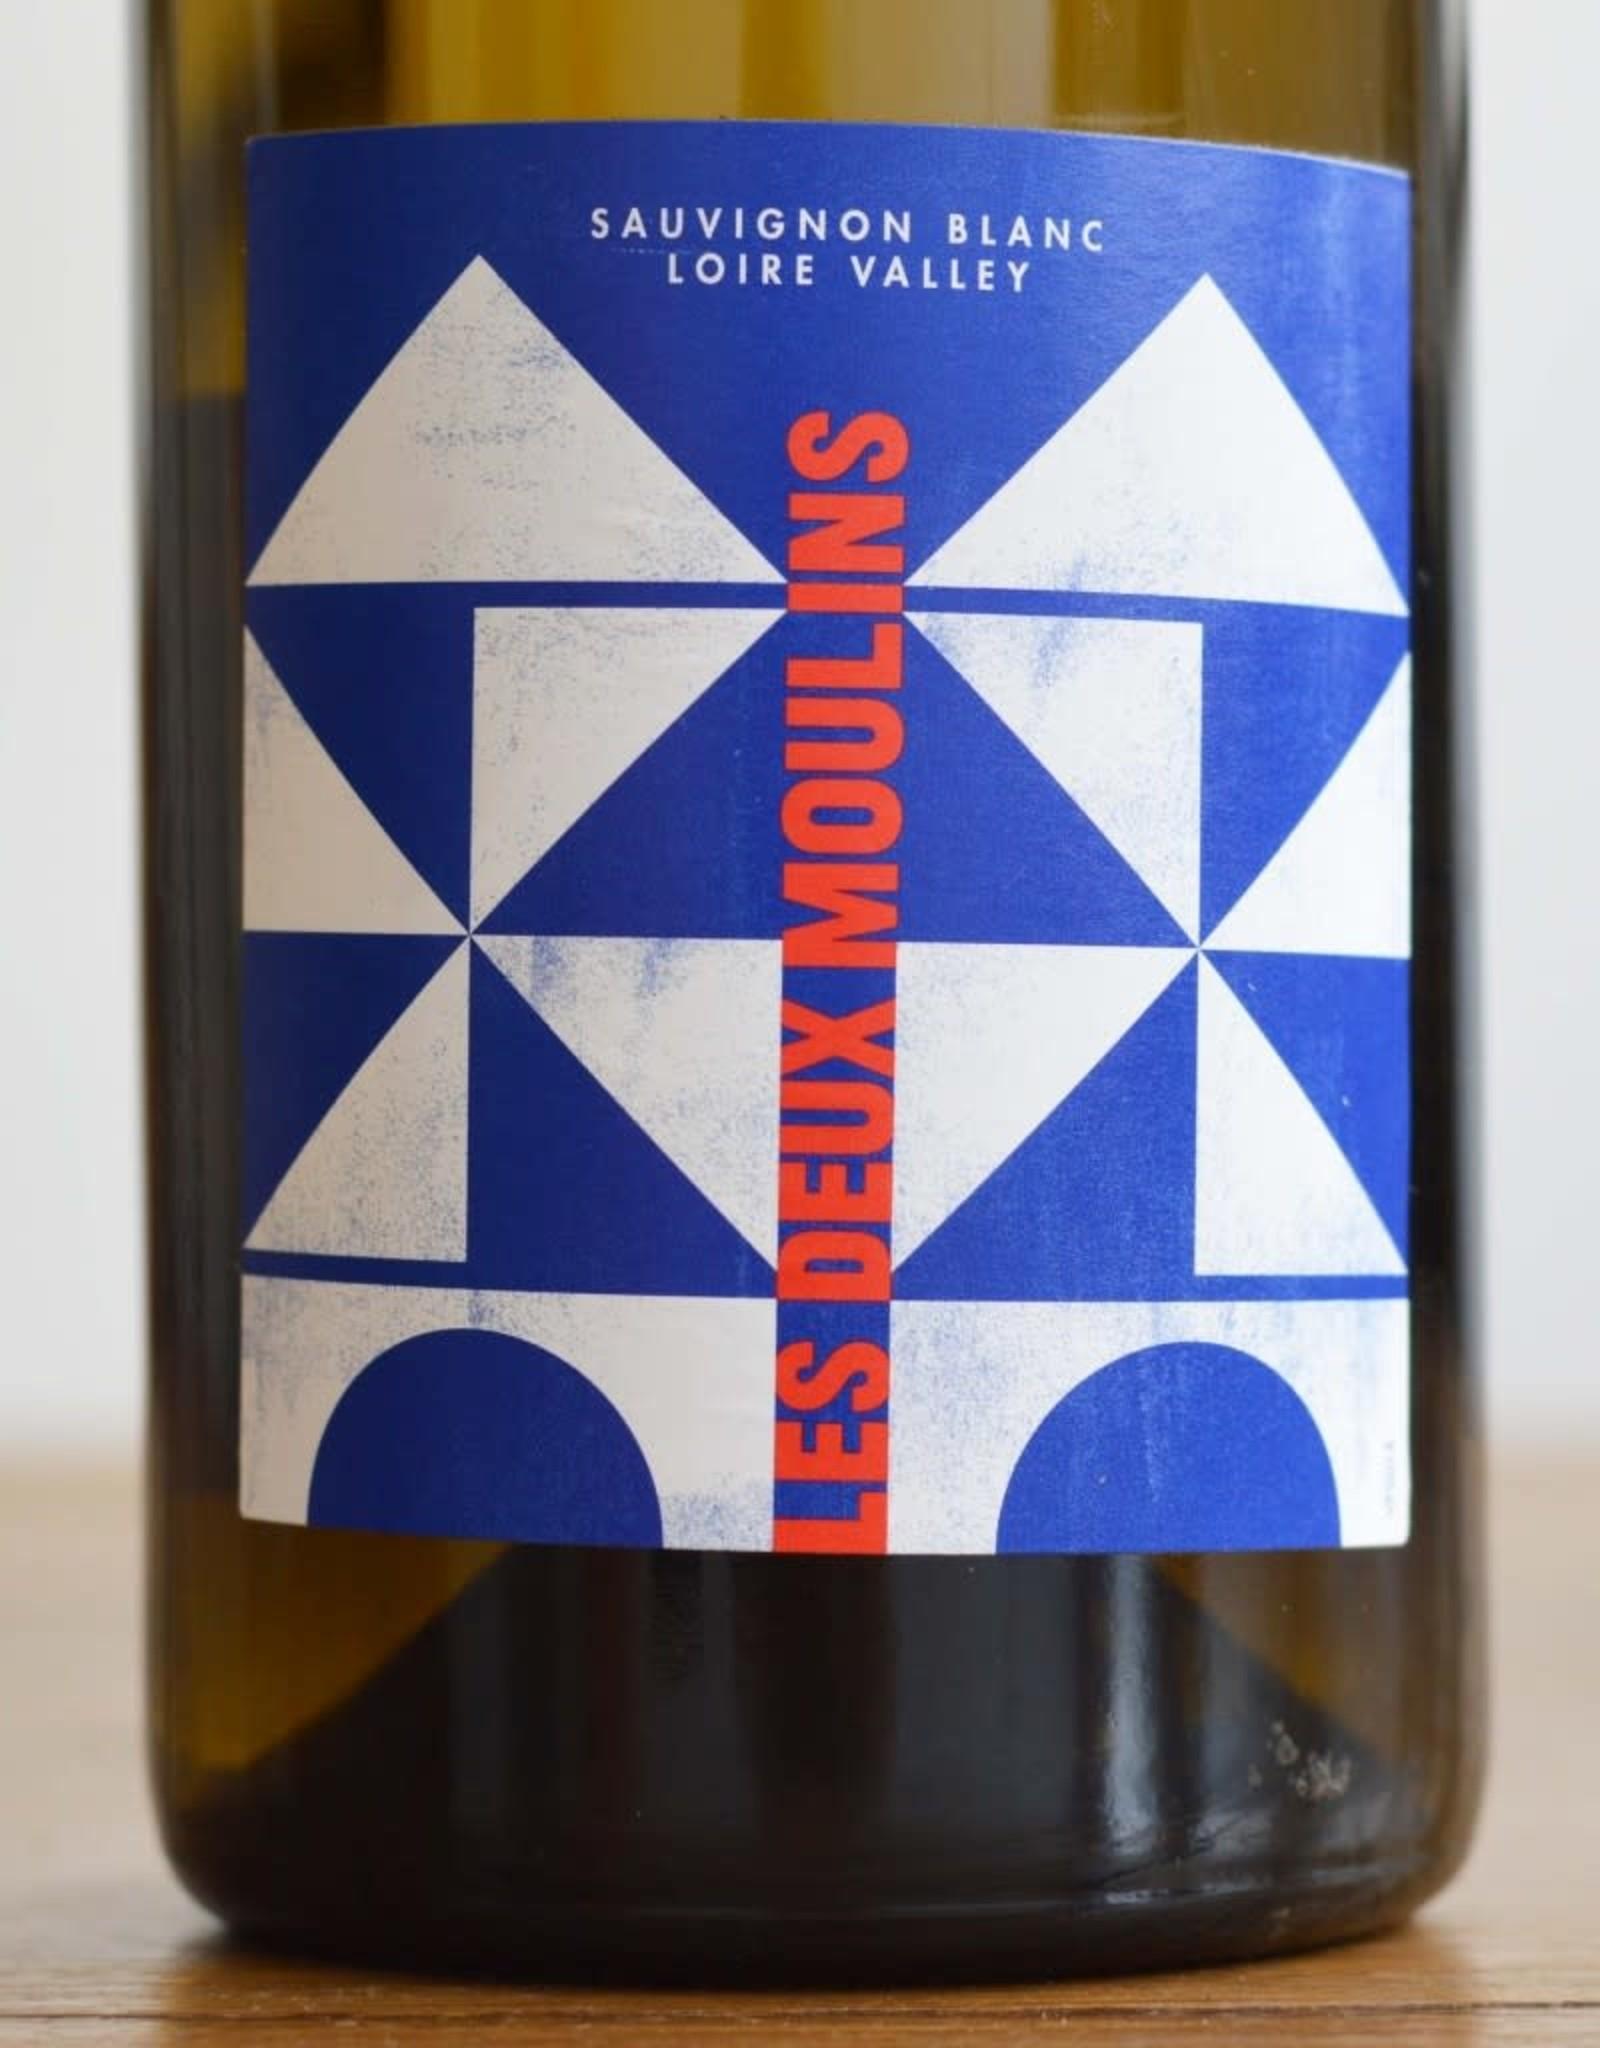 Wine-White Sauvignon Blanc, Loire Valley, Les Deux Moulins 2018